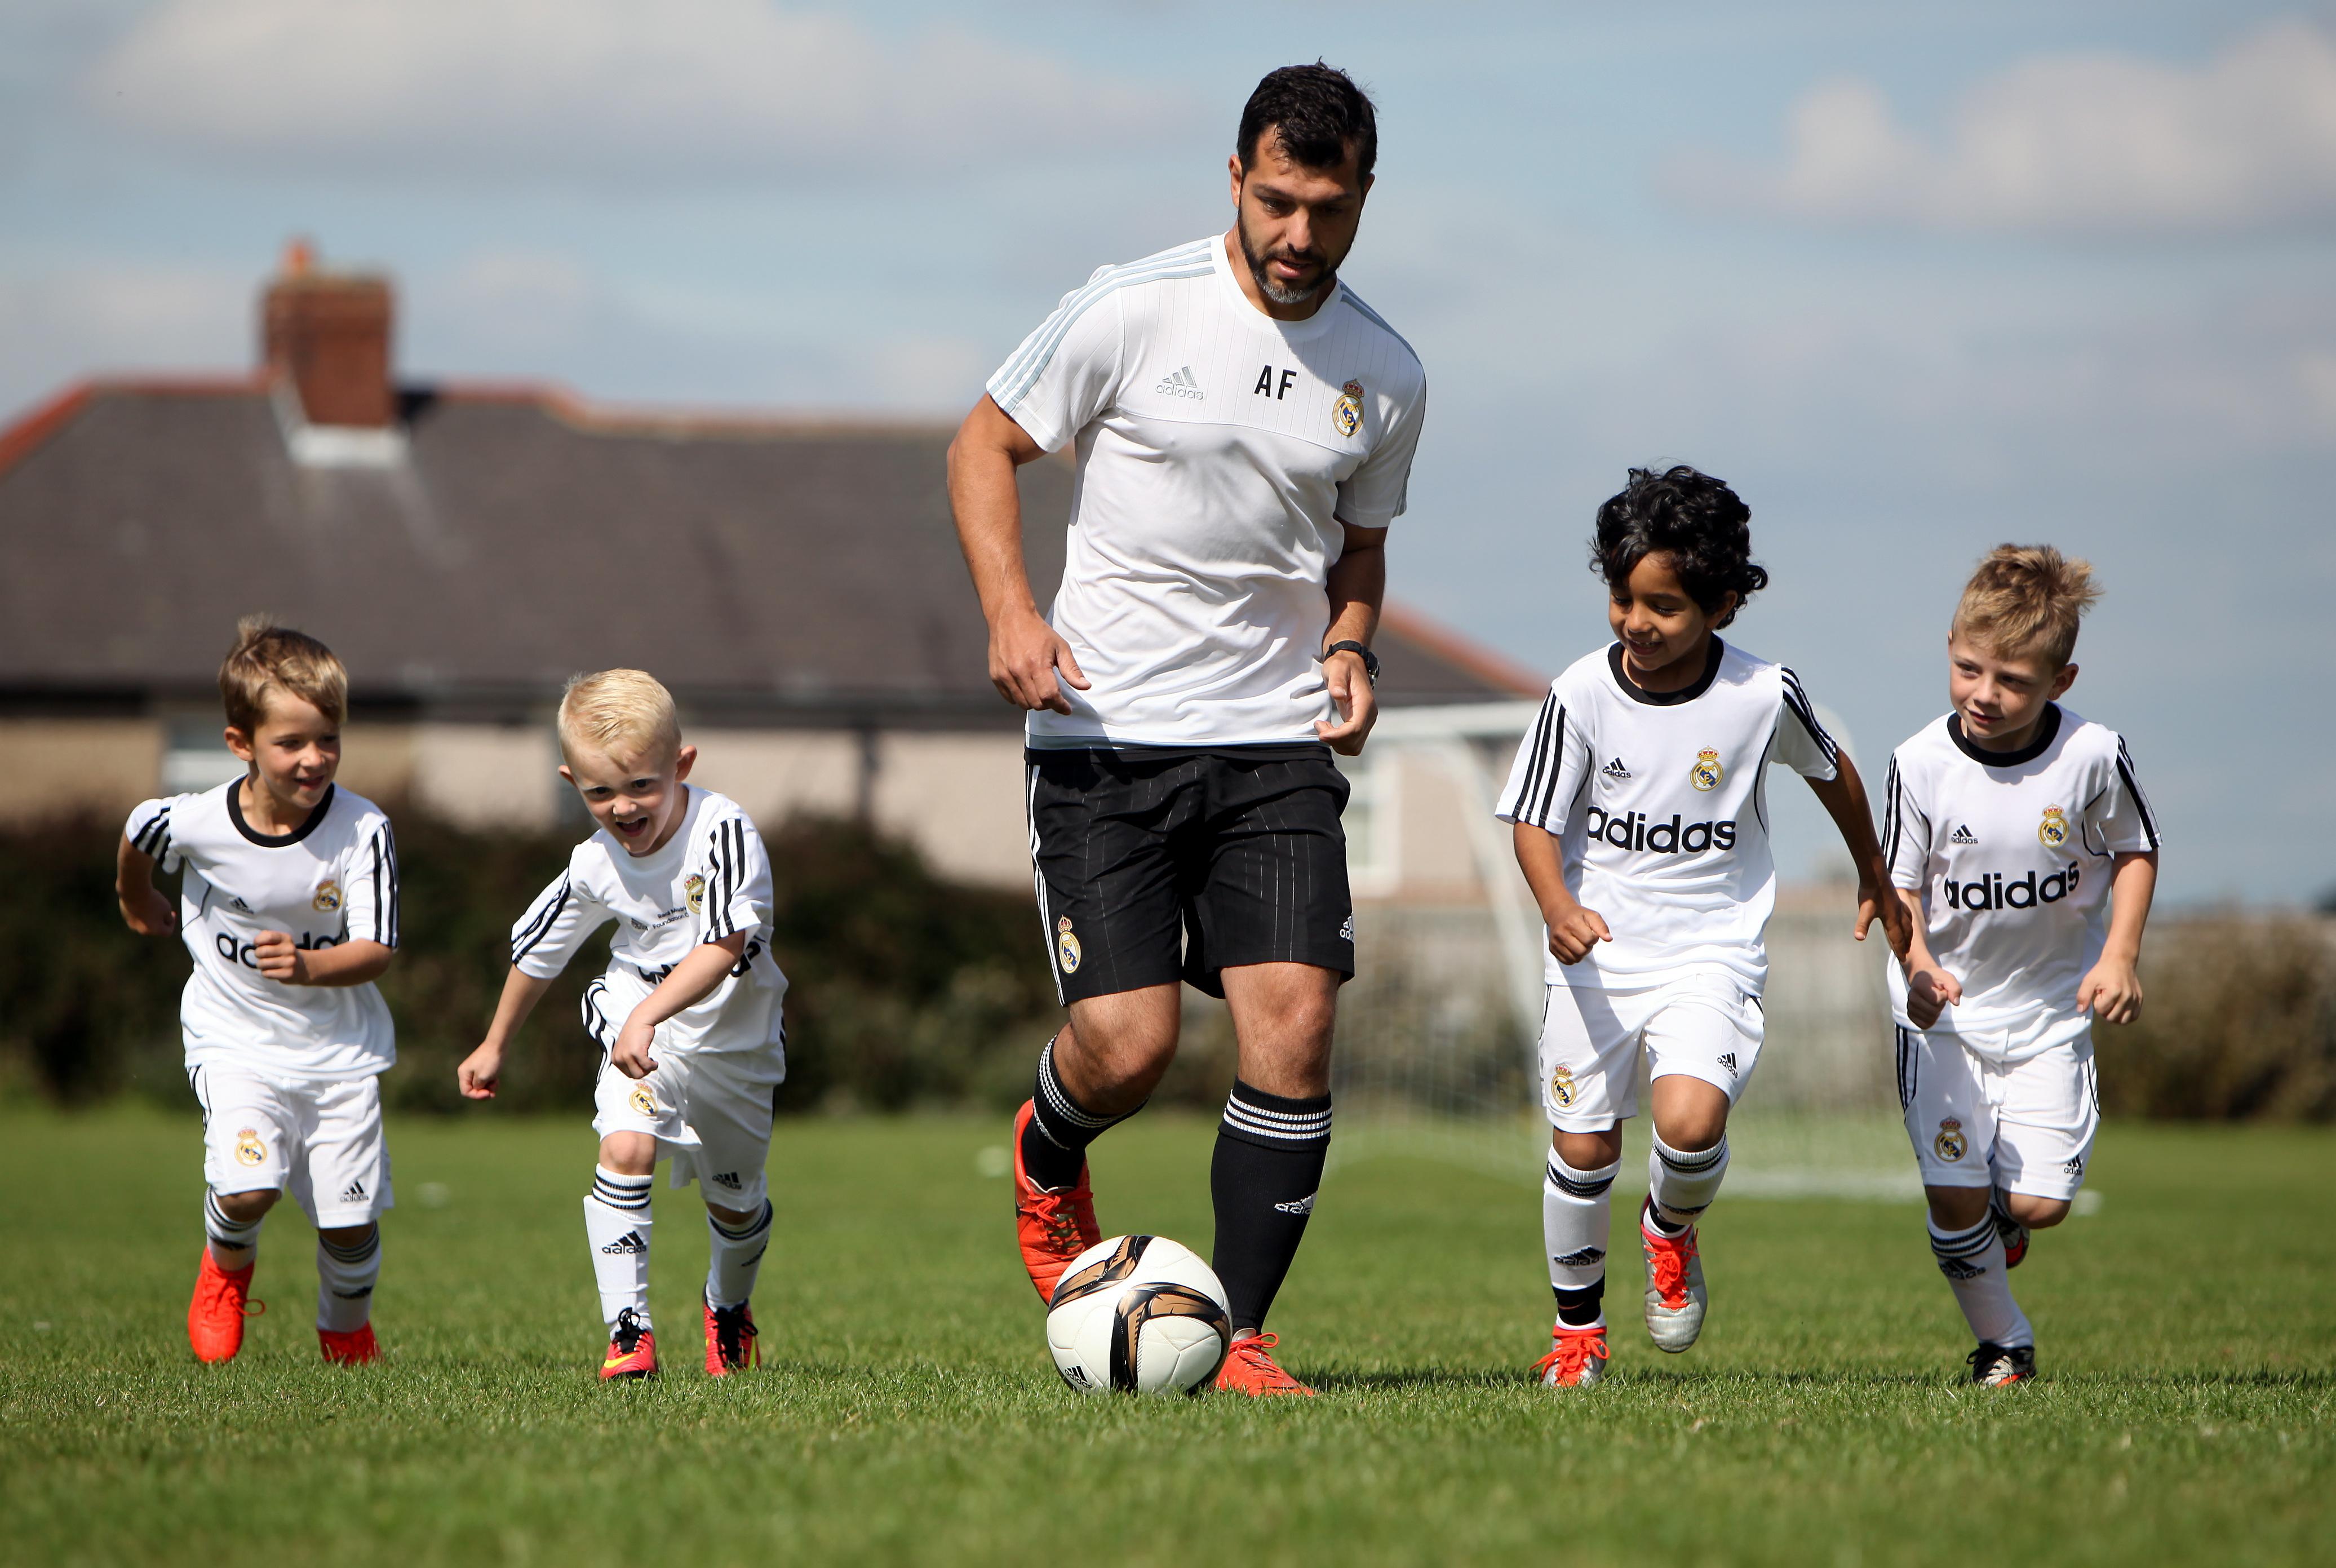 coaching-kids-34